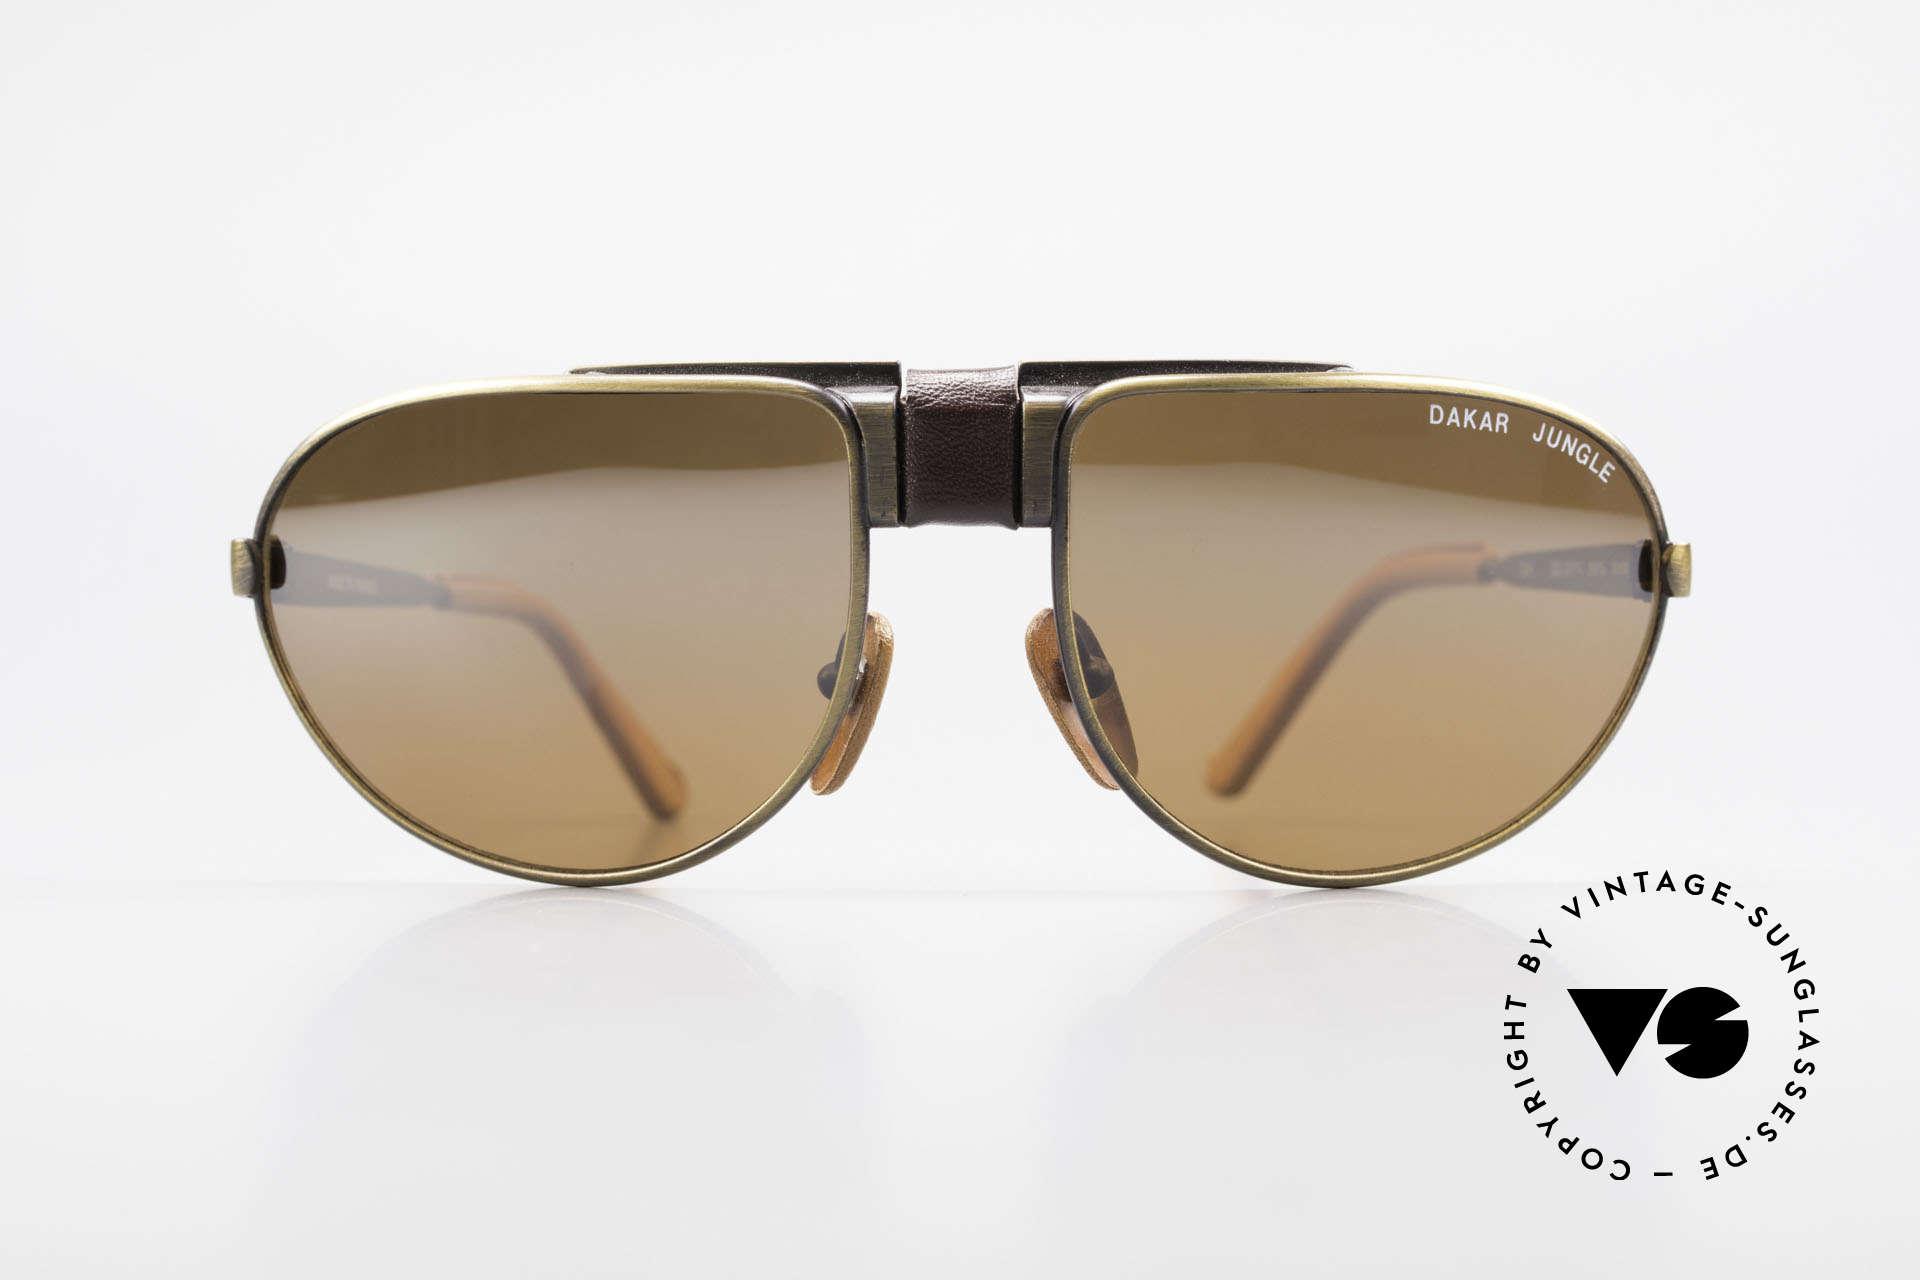 Cebe Dakar Jungle QD01 High-Tech Racing Sunglasses, engineered for the drivers (Paris-Dakar-Rallye); rarity!, Made for Men and Women